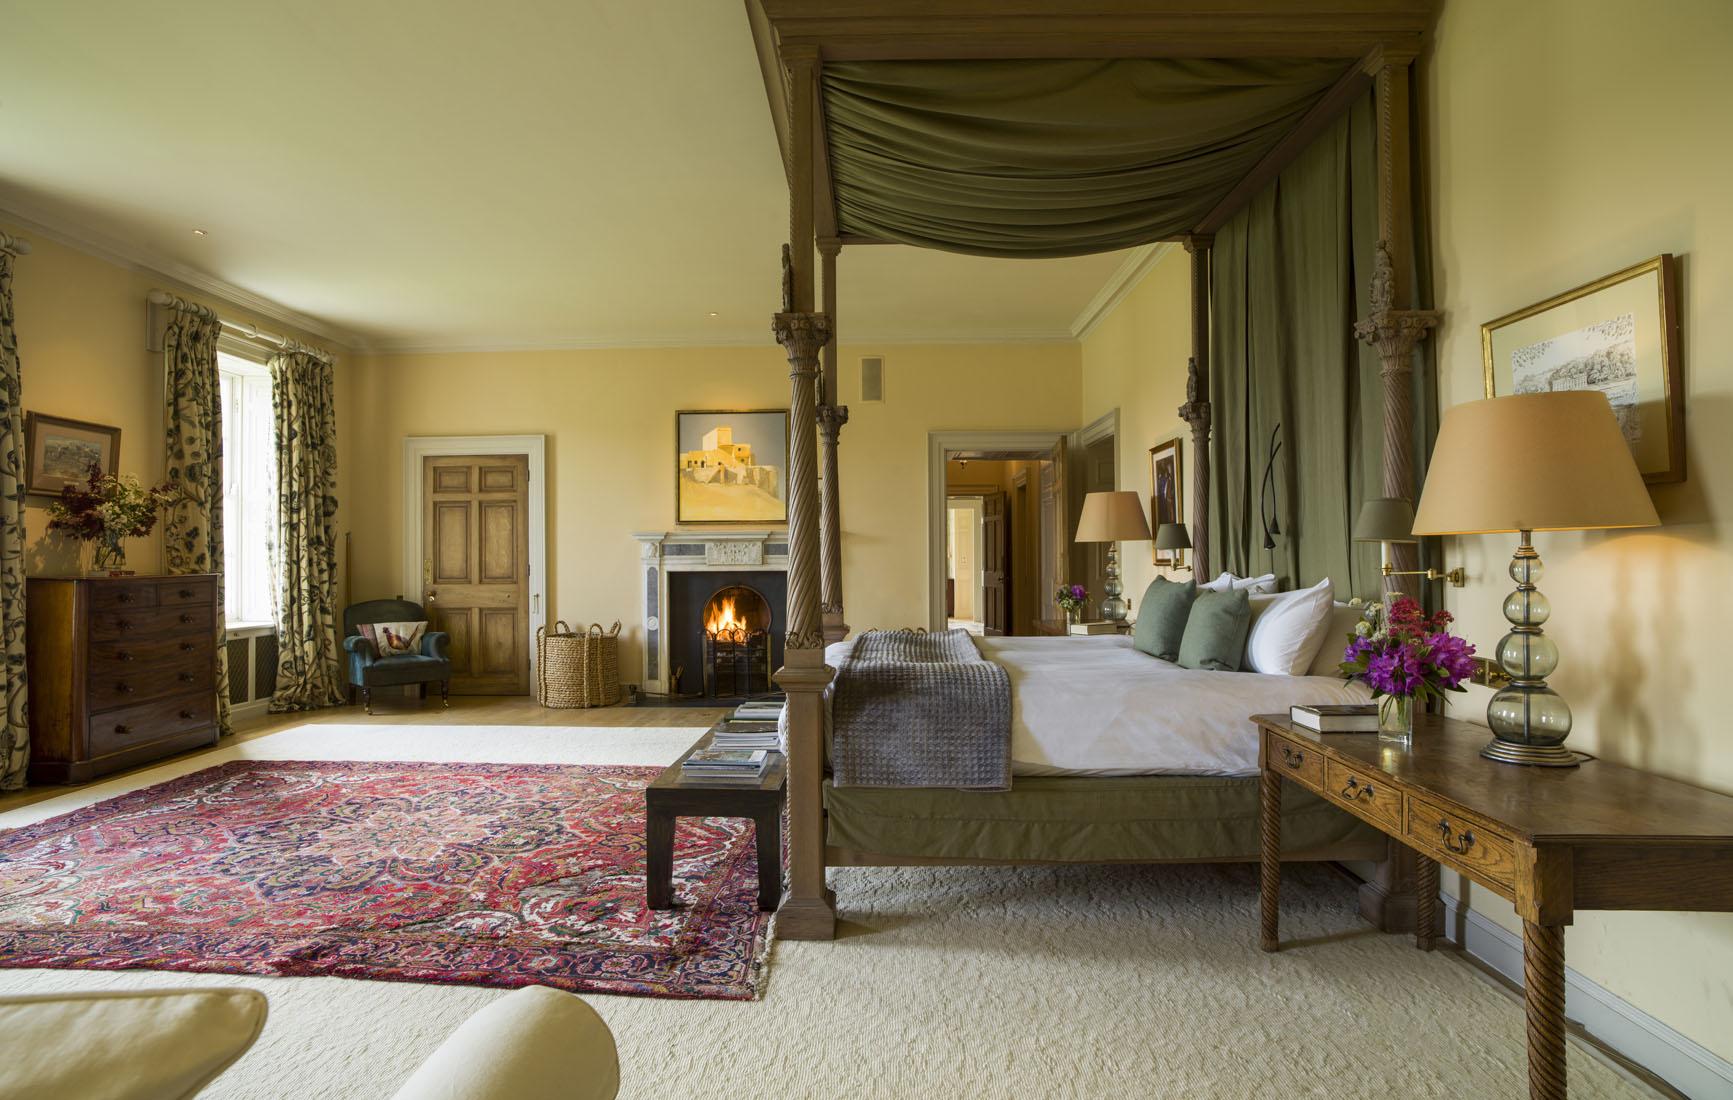 luxury accommodation ireland